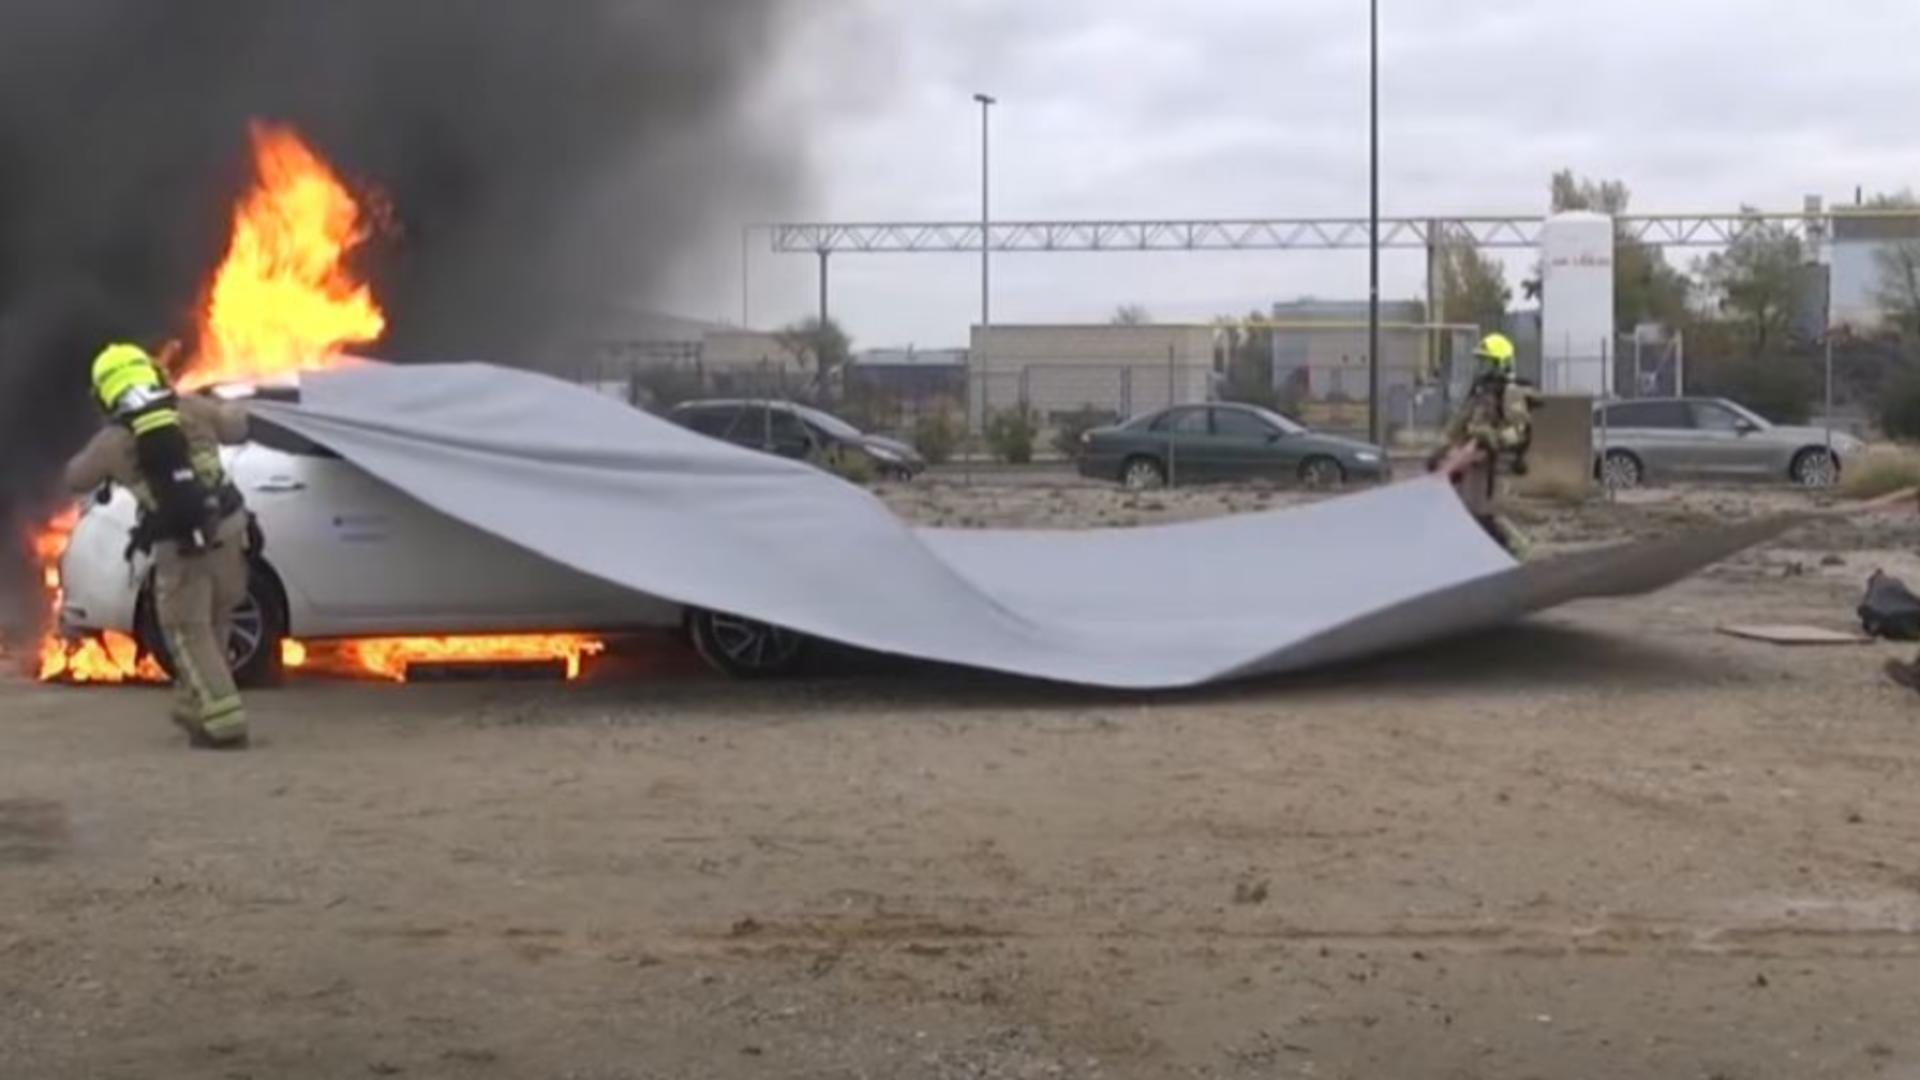 Pătura antiincendiu, ultima invenție în materie de stingere a mașinilor care au luat foc. Foto/Captură video.